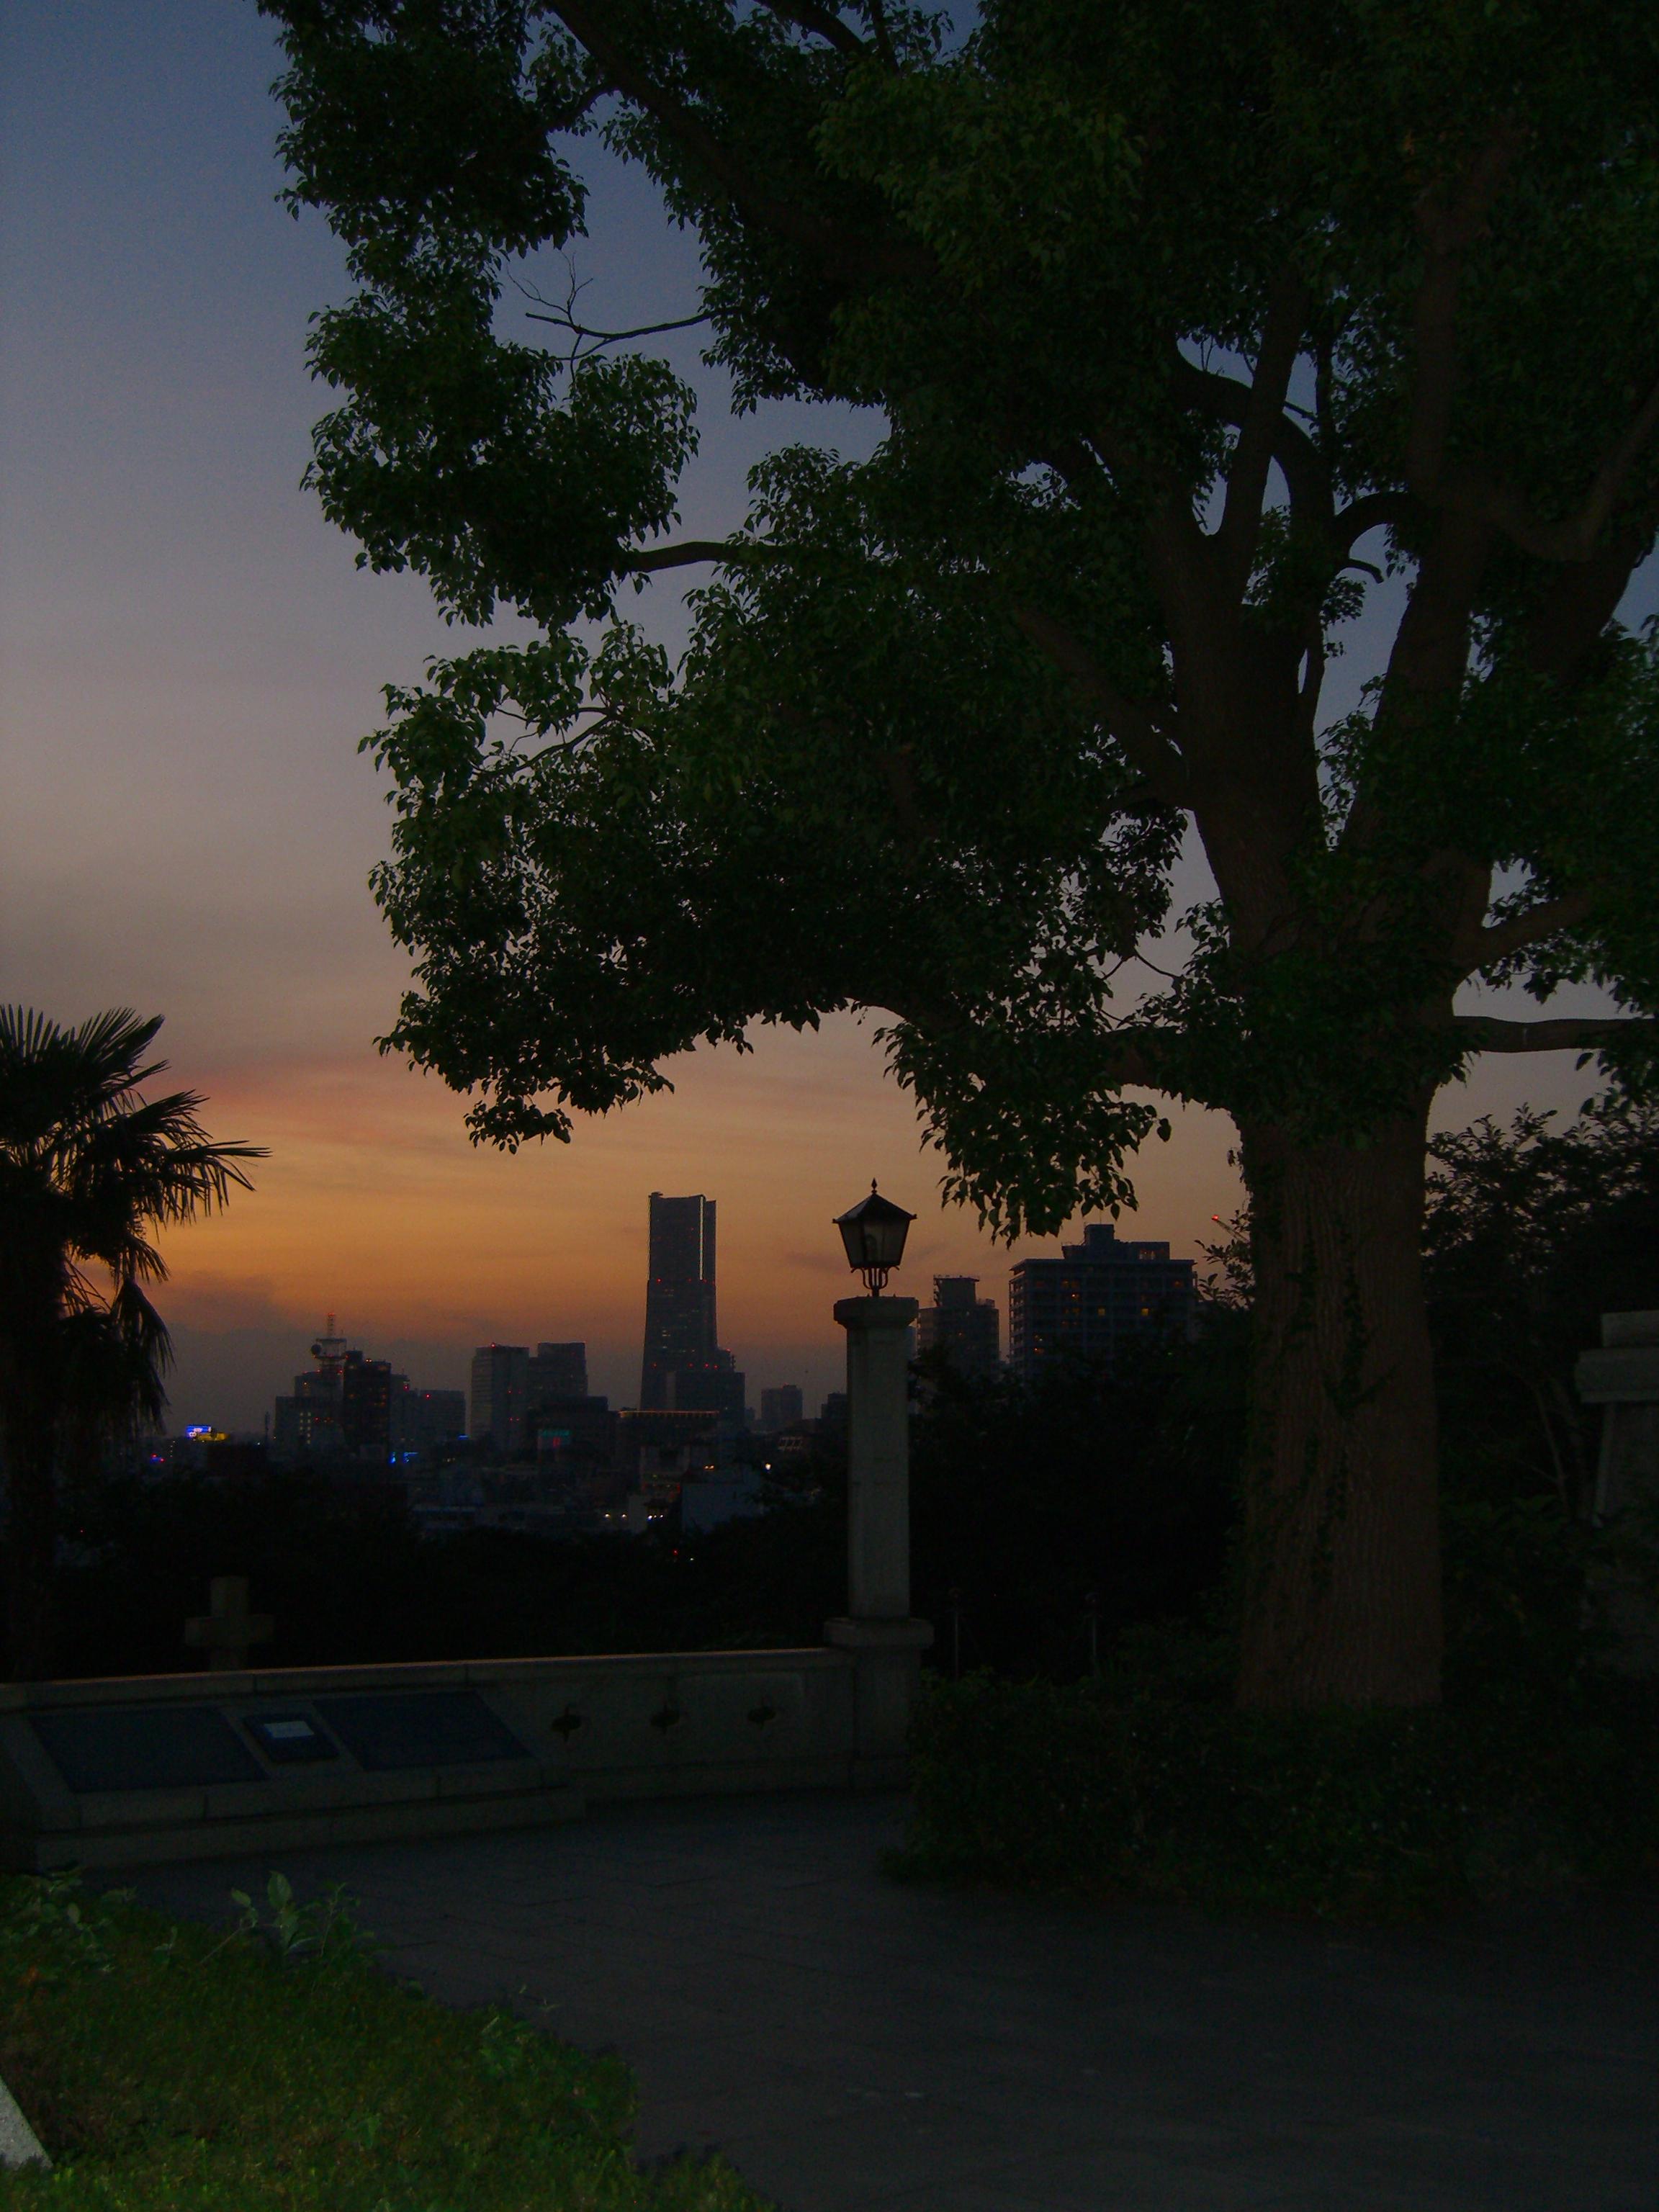 夜景が素敵でした。